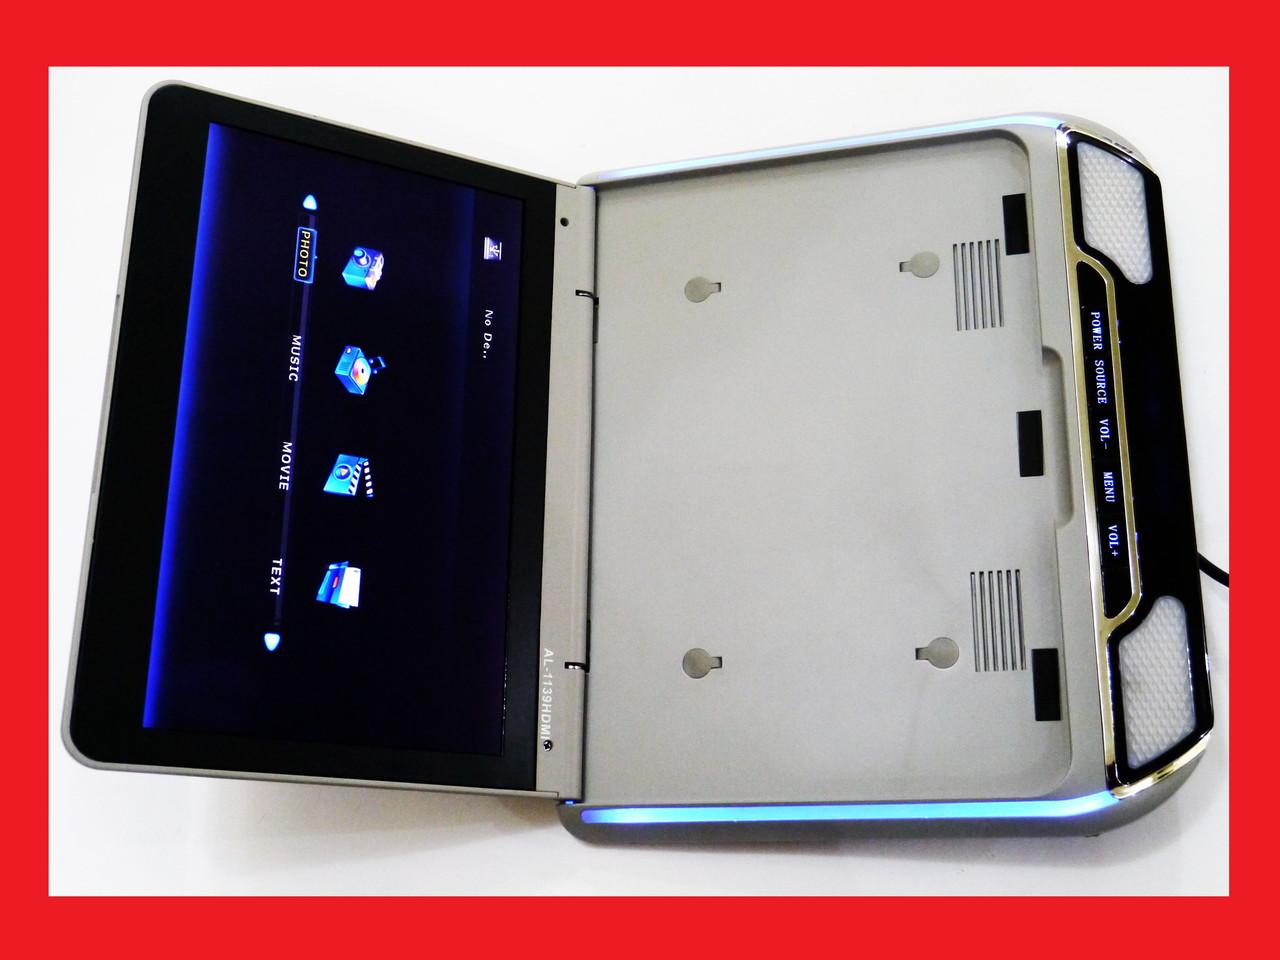 Автомобільний підвісний монітор AL-1139HDMI HD з USB/SD Тонкий корпус